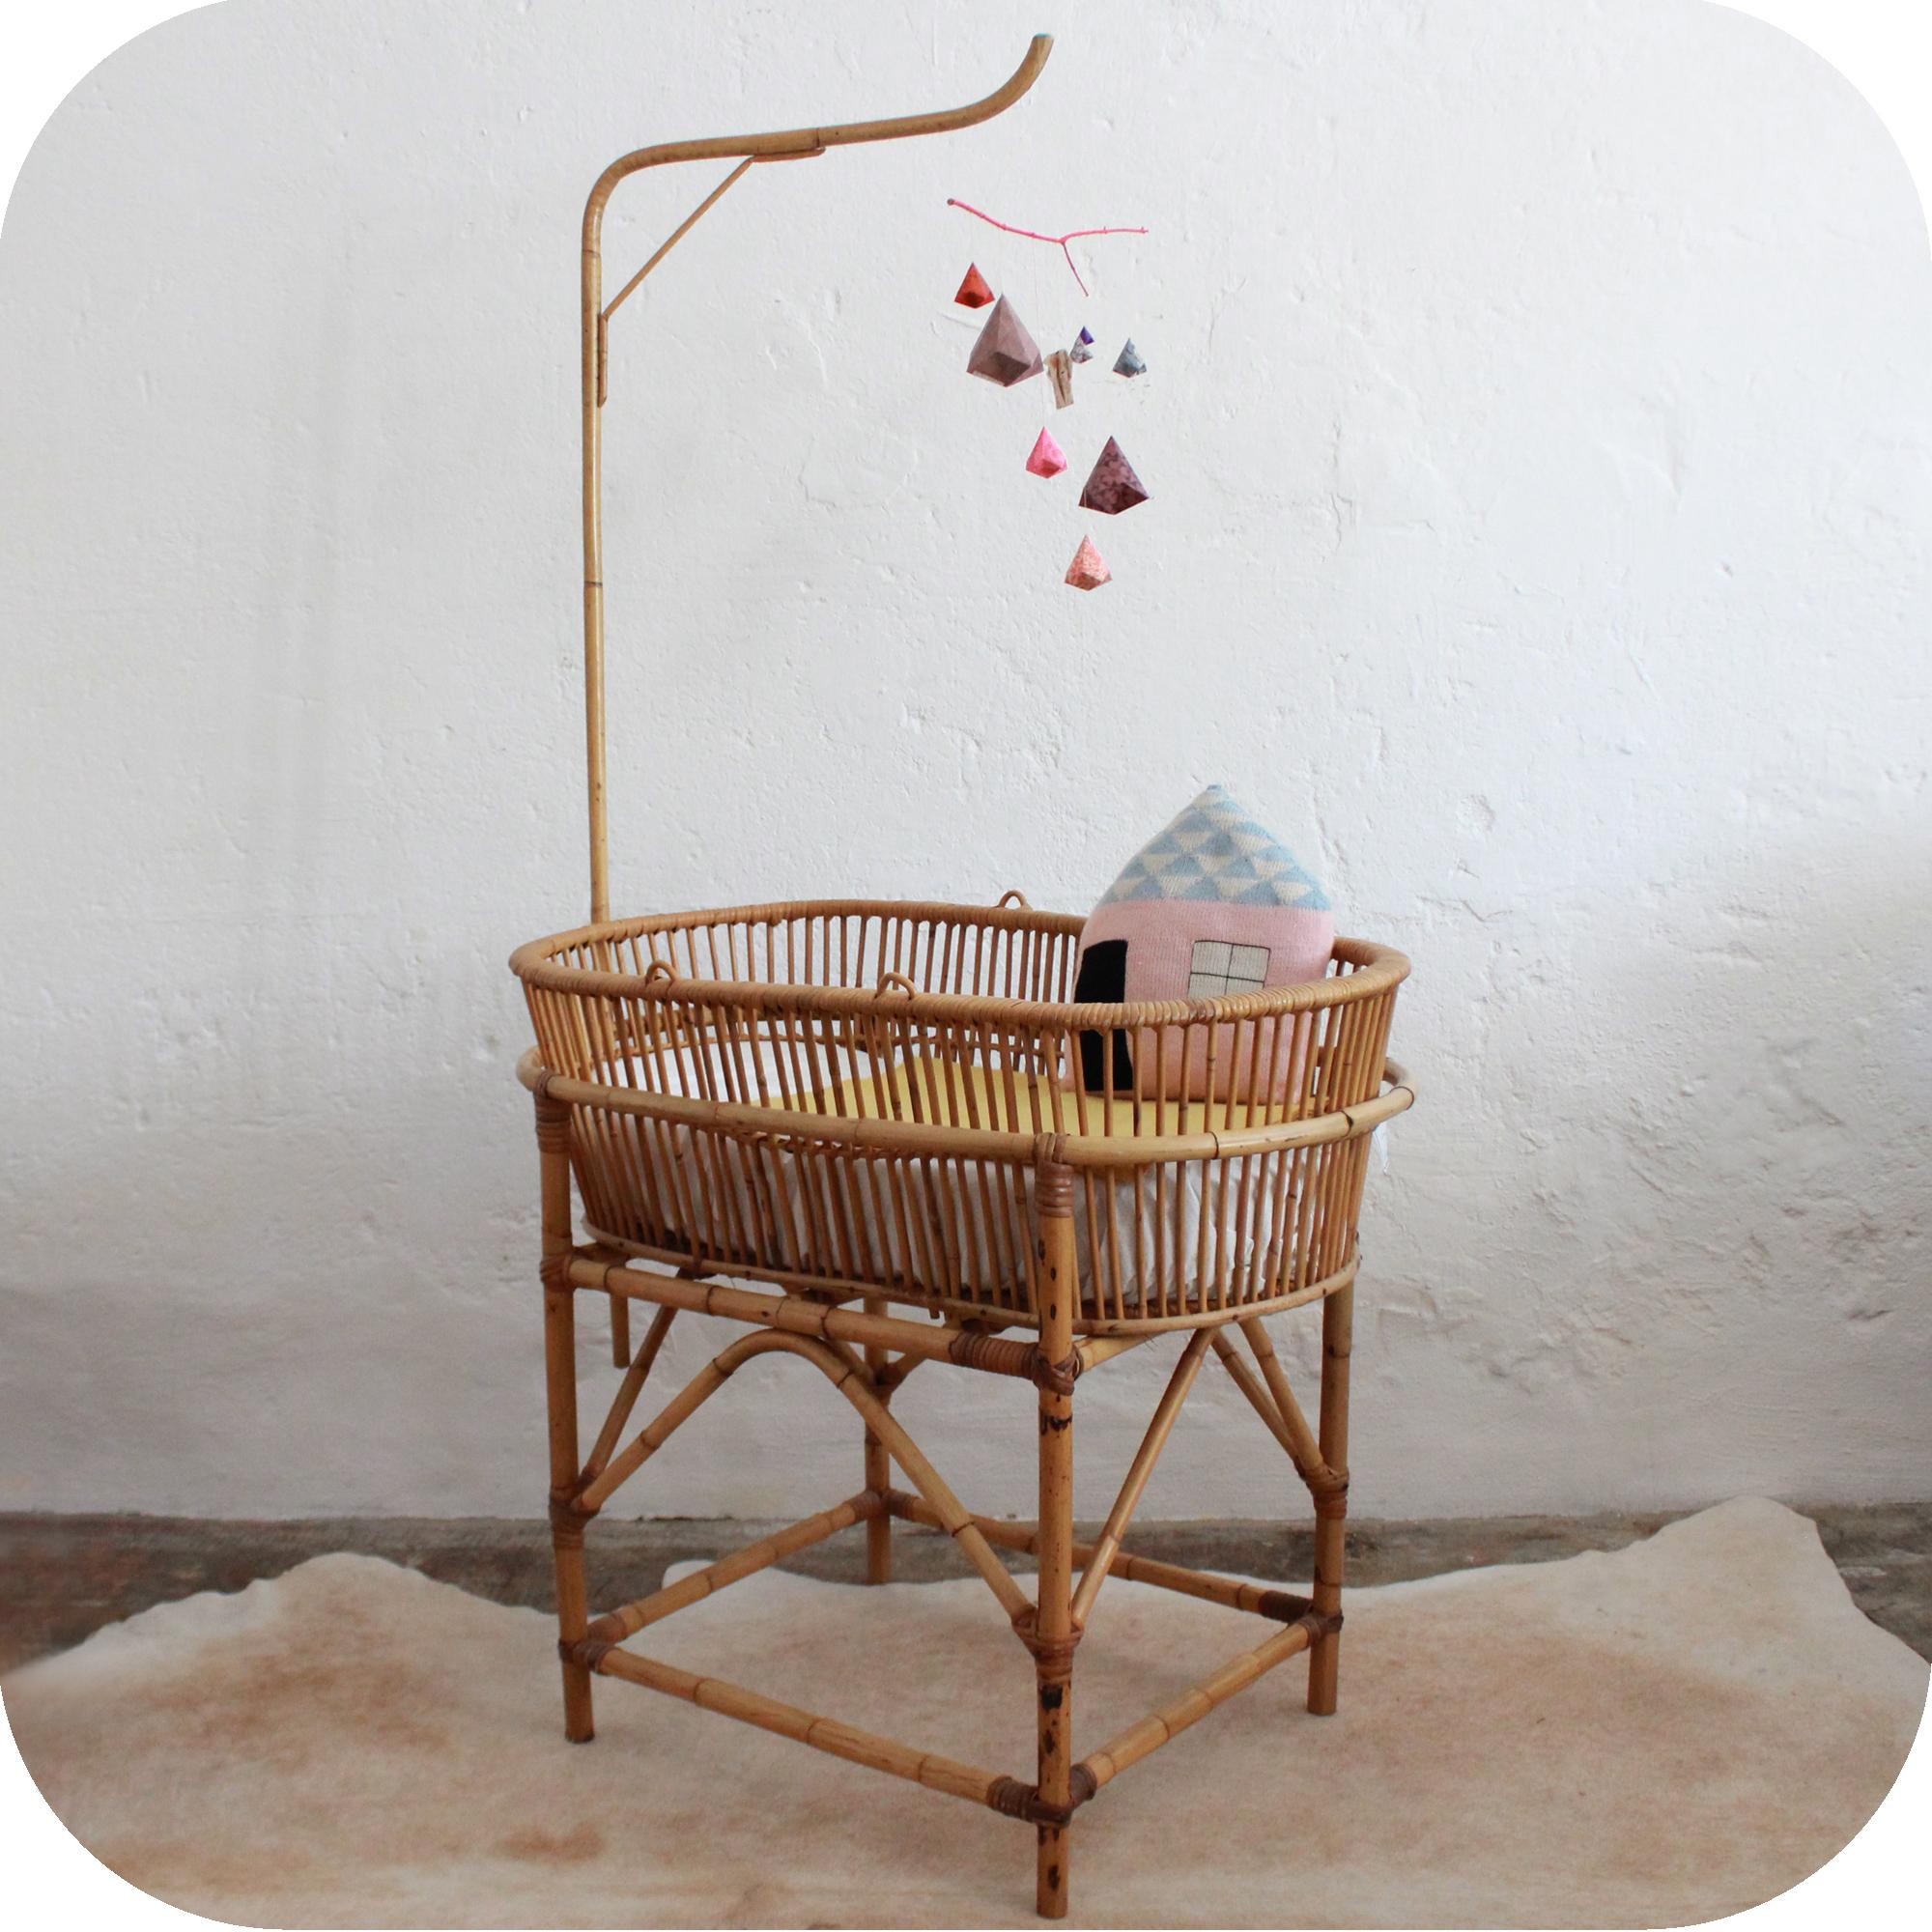 d526 mobilier vintage berceau vintage lit b b vintage b atelier du petit parc. Black Bedroom Furniture Sets. Home Design Ideas